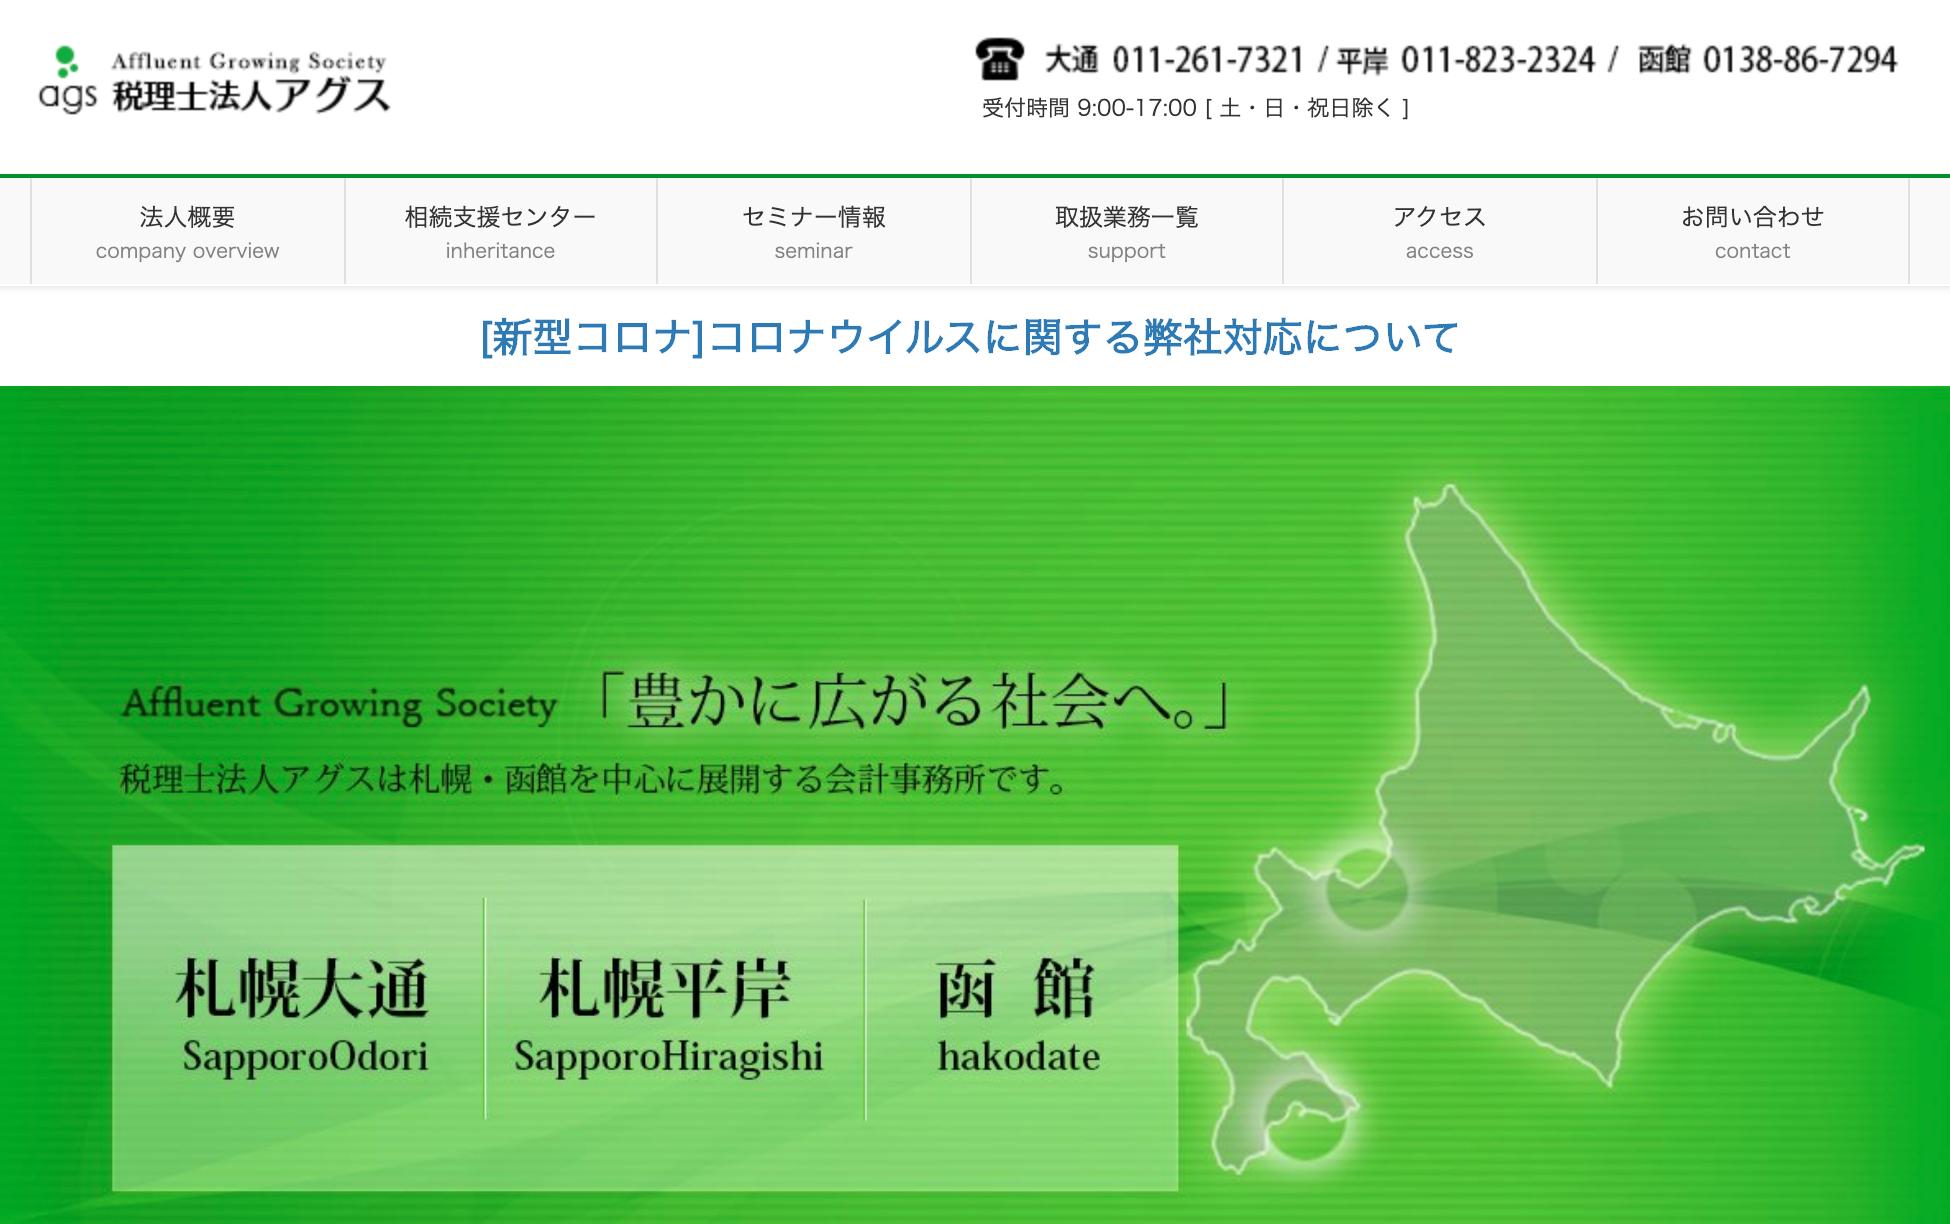 4.東豊線 豊平公園駅 徒歩4分 アグス(税理士法人)平岸事務所